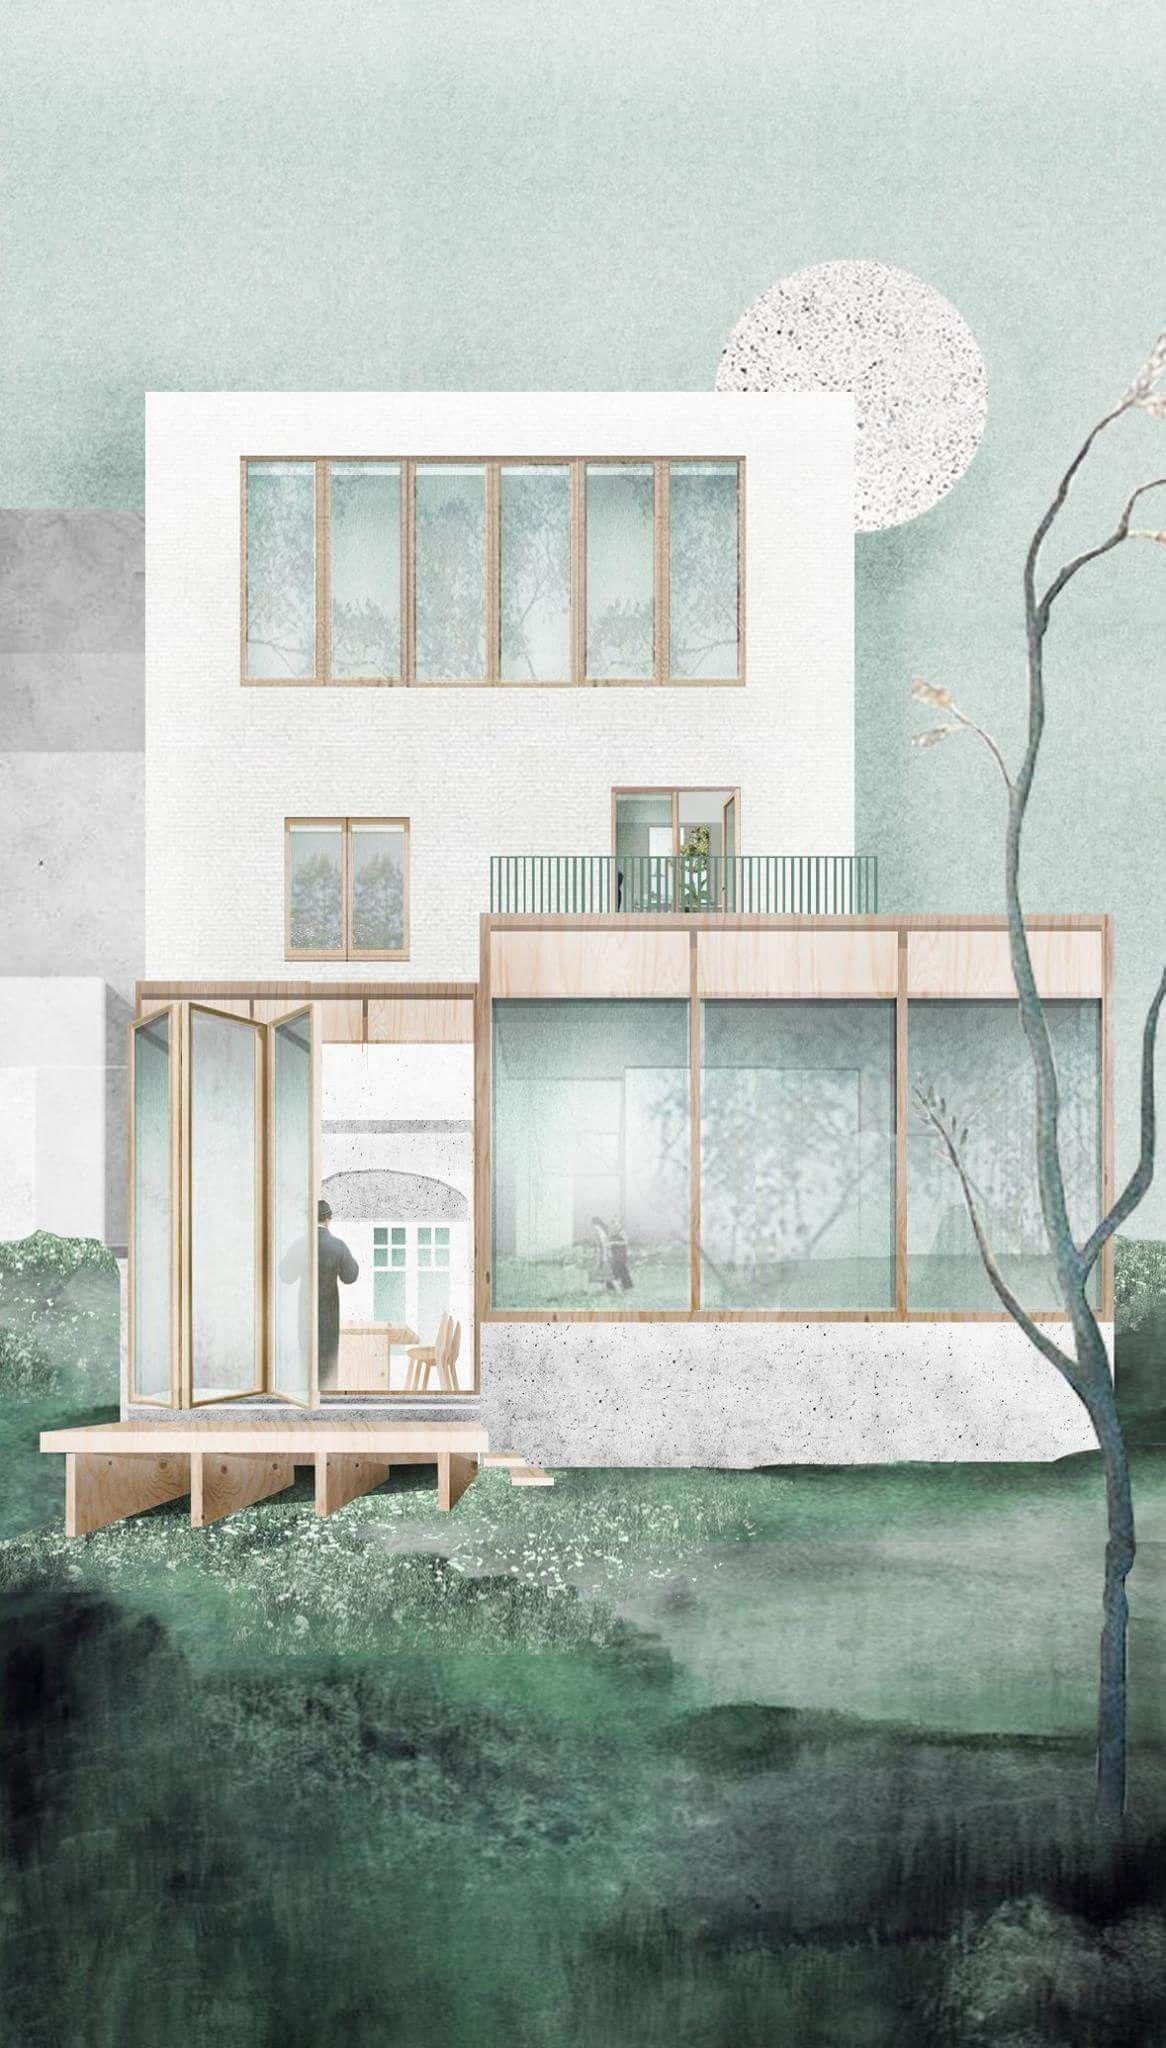 Pin Von Flora Struber Auf Wohnbau Architektur Zeichnungen